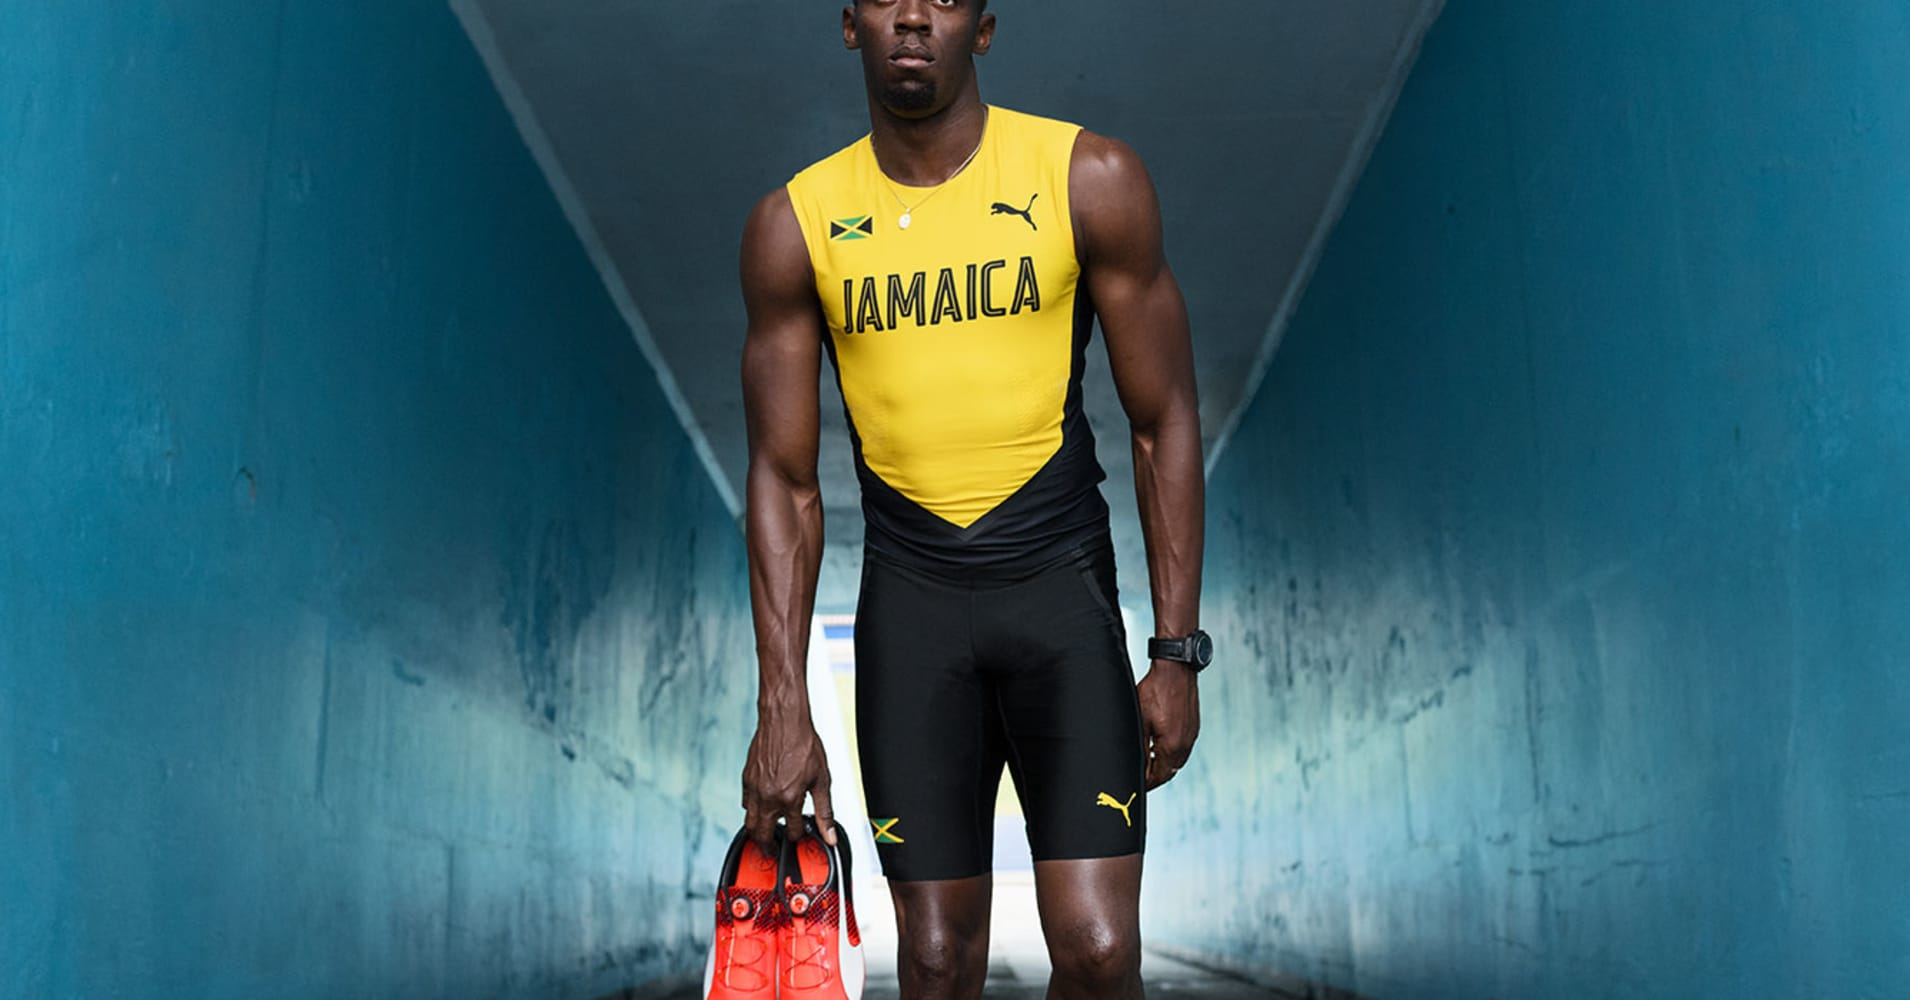 46600affbb9473 Puma has stuck with me through everything  Usain Bolt